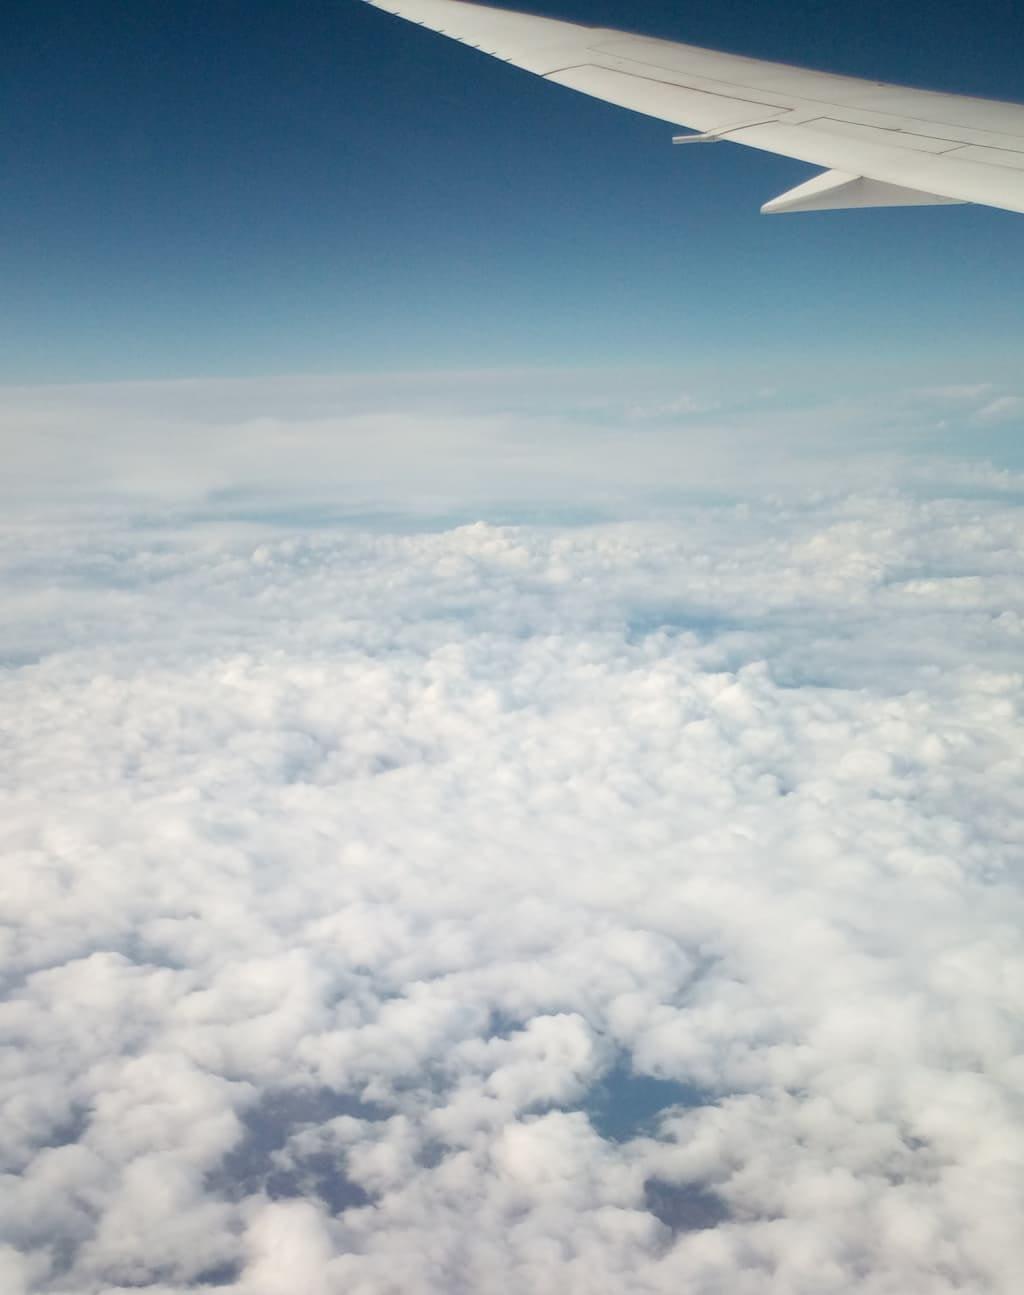 coronavirus travel above the clouds